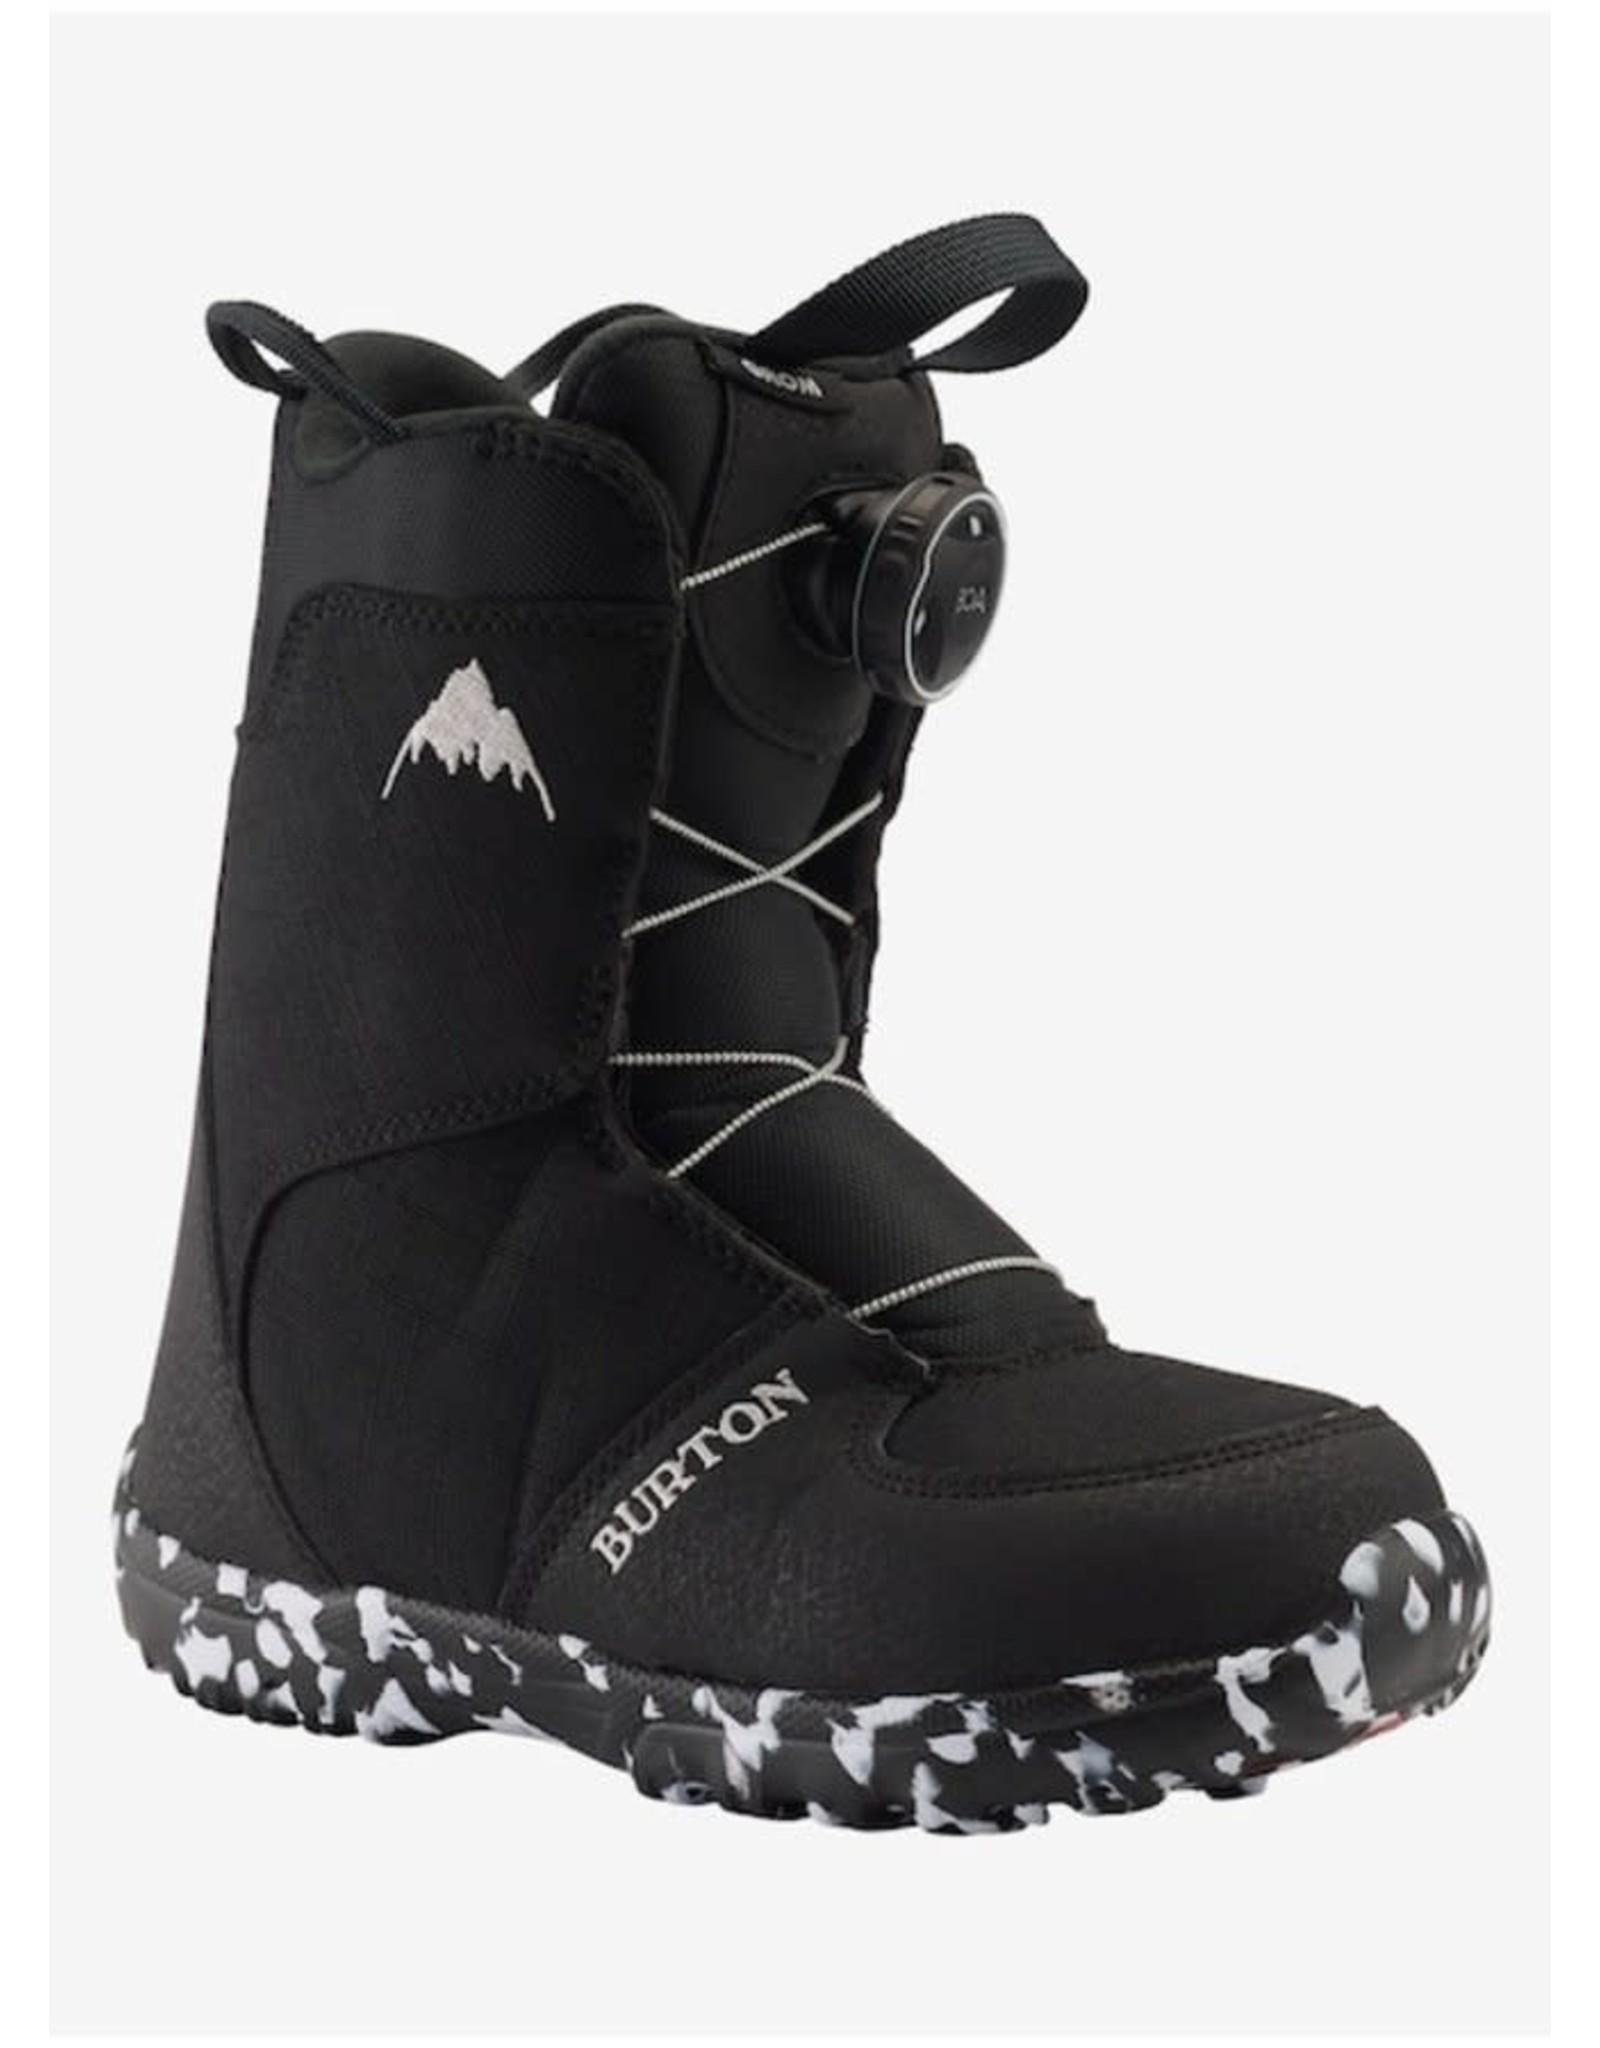 burton Burton - Botte snowboard junior grom boa black